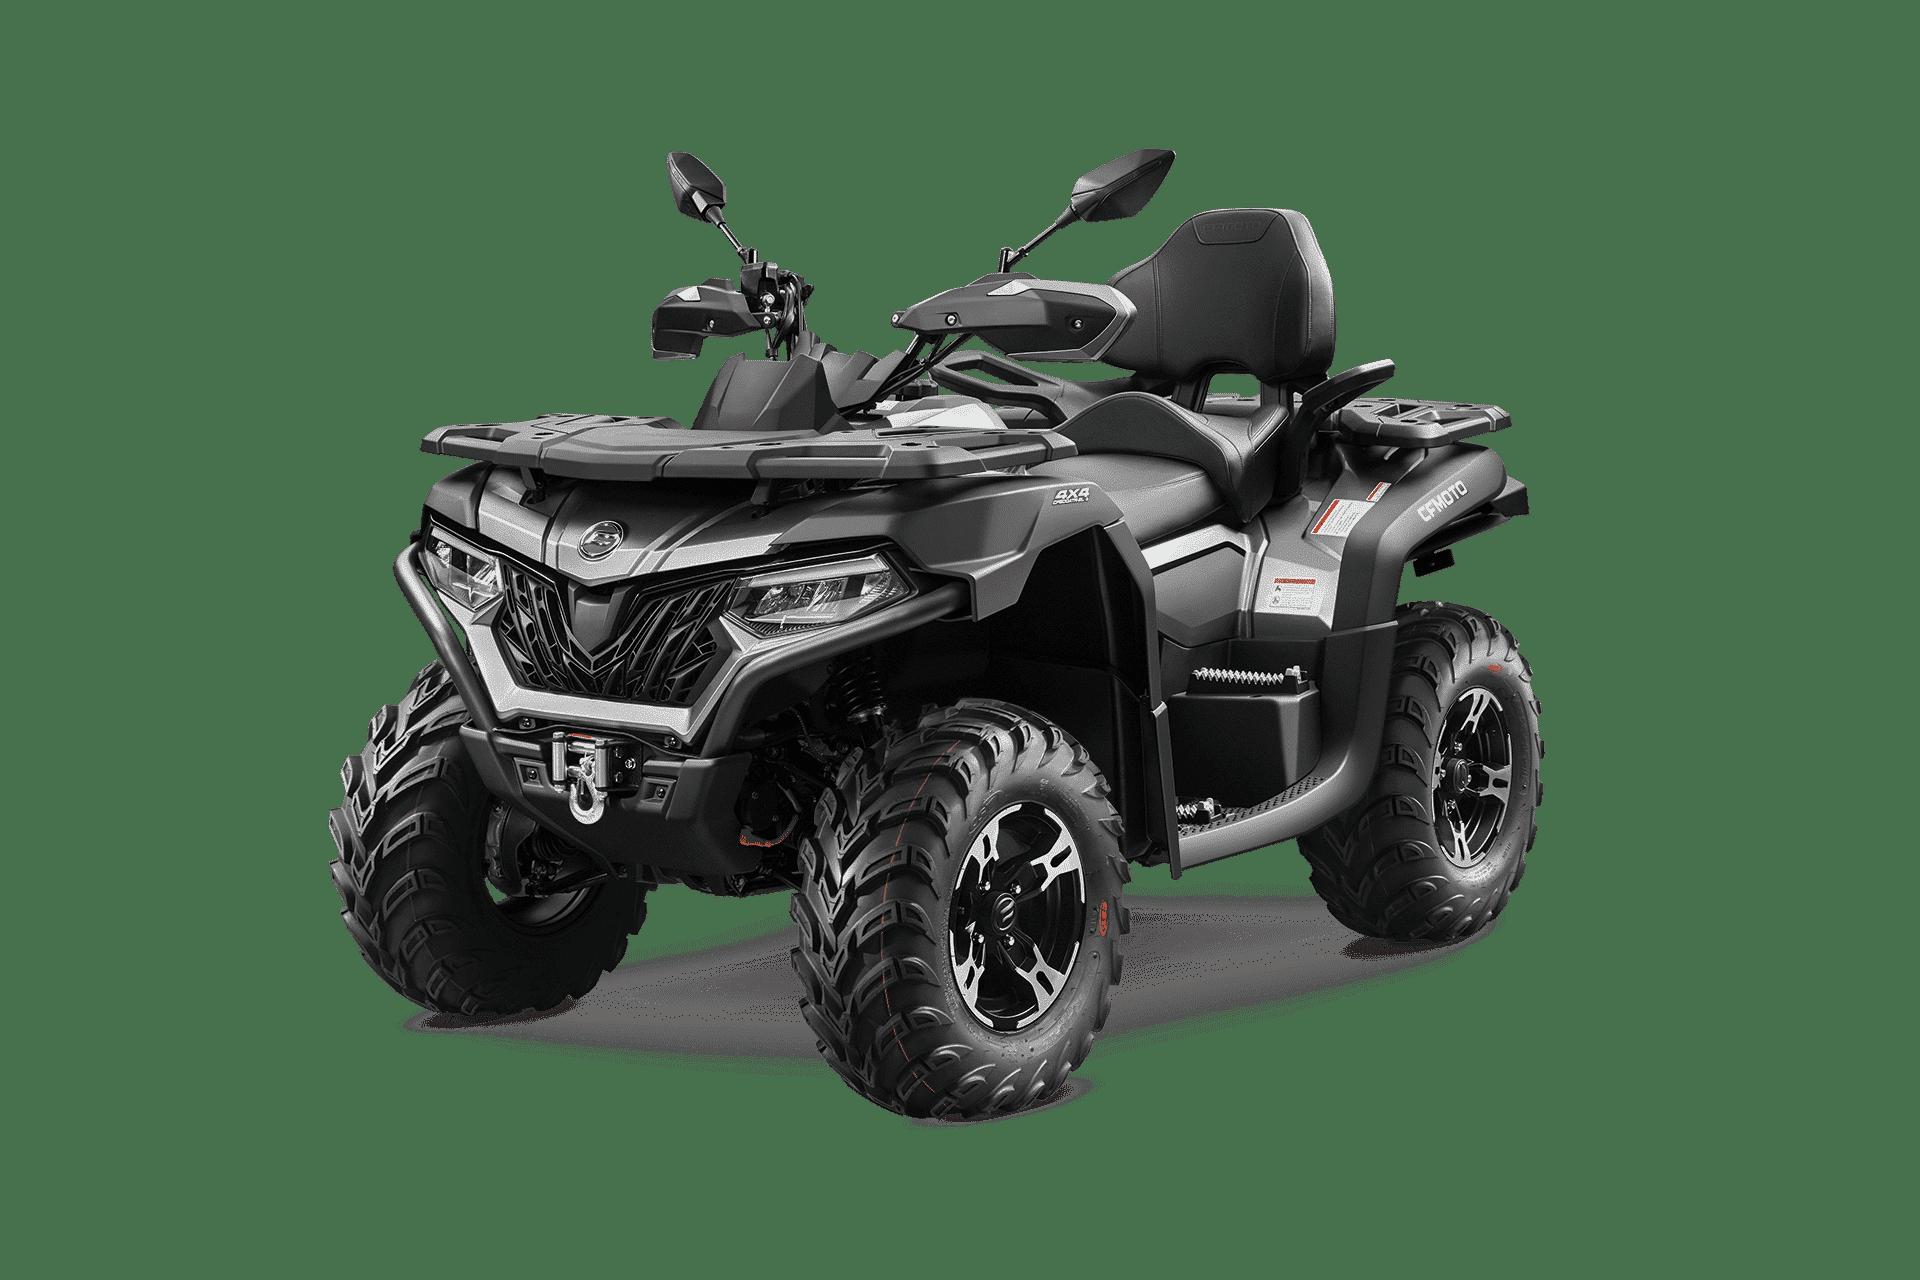 CFMOTO CFORCE 625 Touring mönkijä - ATV